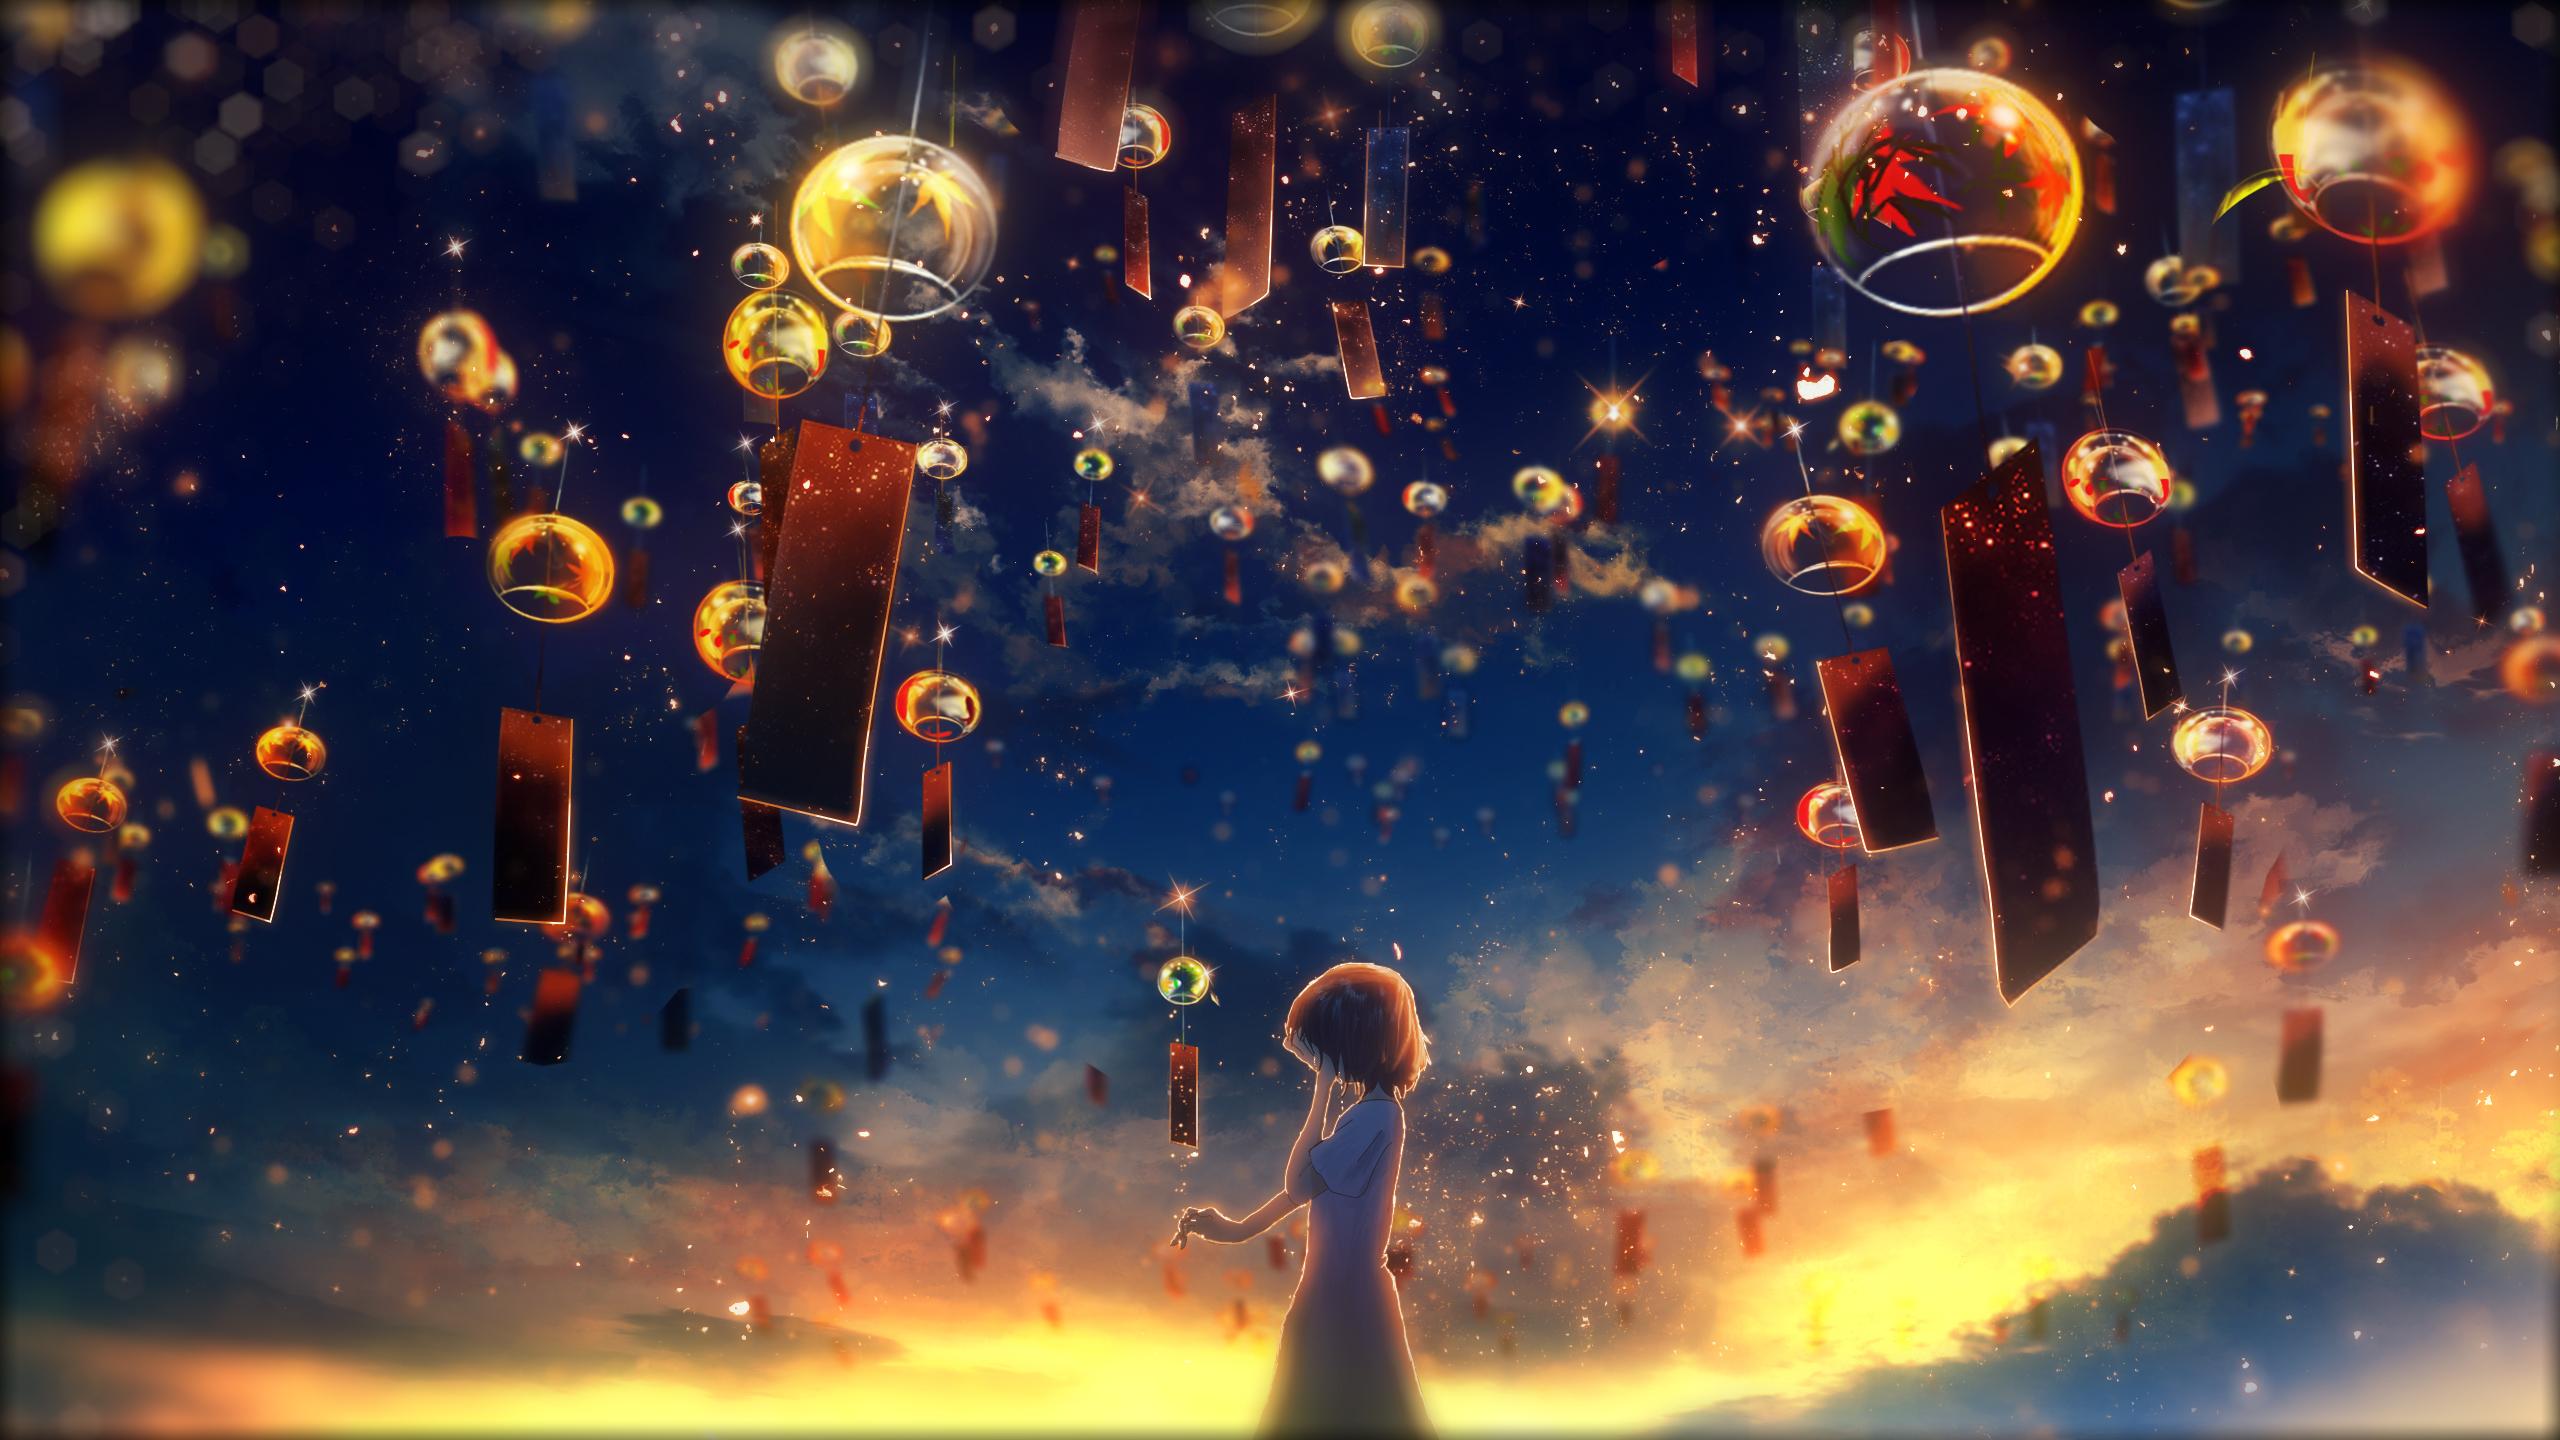 Art 2560 X 1440 Hd Anime Wallpapers Sky Anime Anime Wallpaper